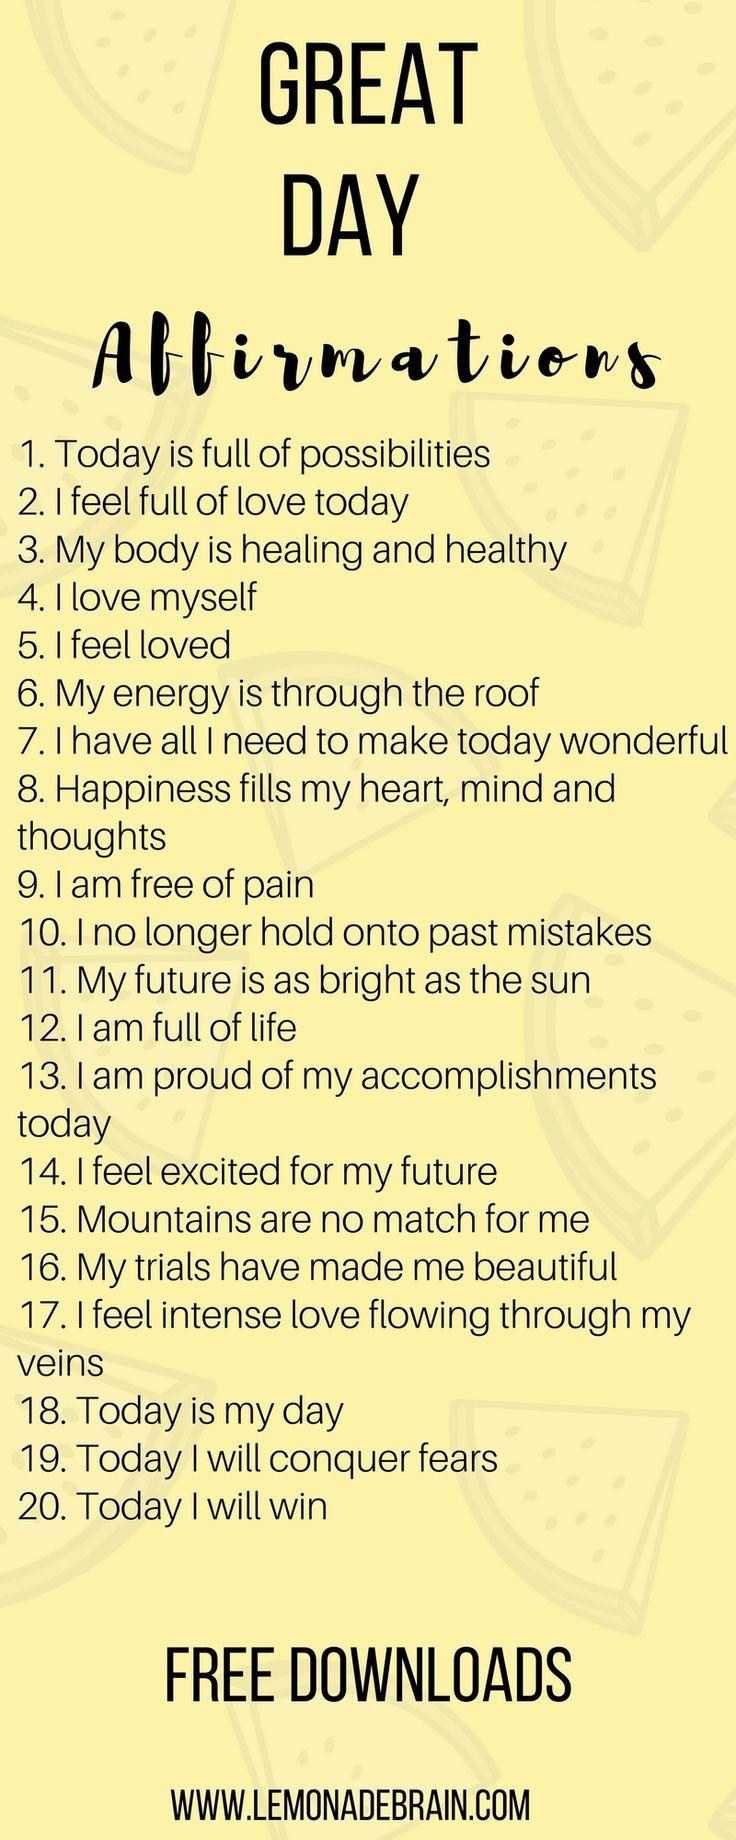 Bestätigungen für einen besseren Tag – #affirmations #Besseren #Bestätigungen #einen #für #Tag